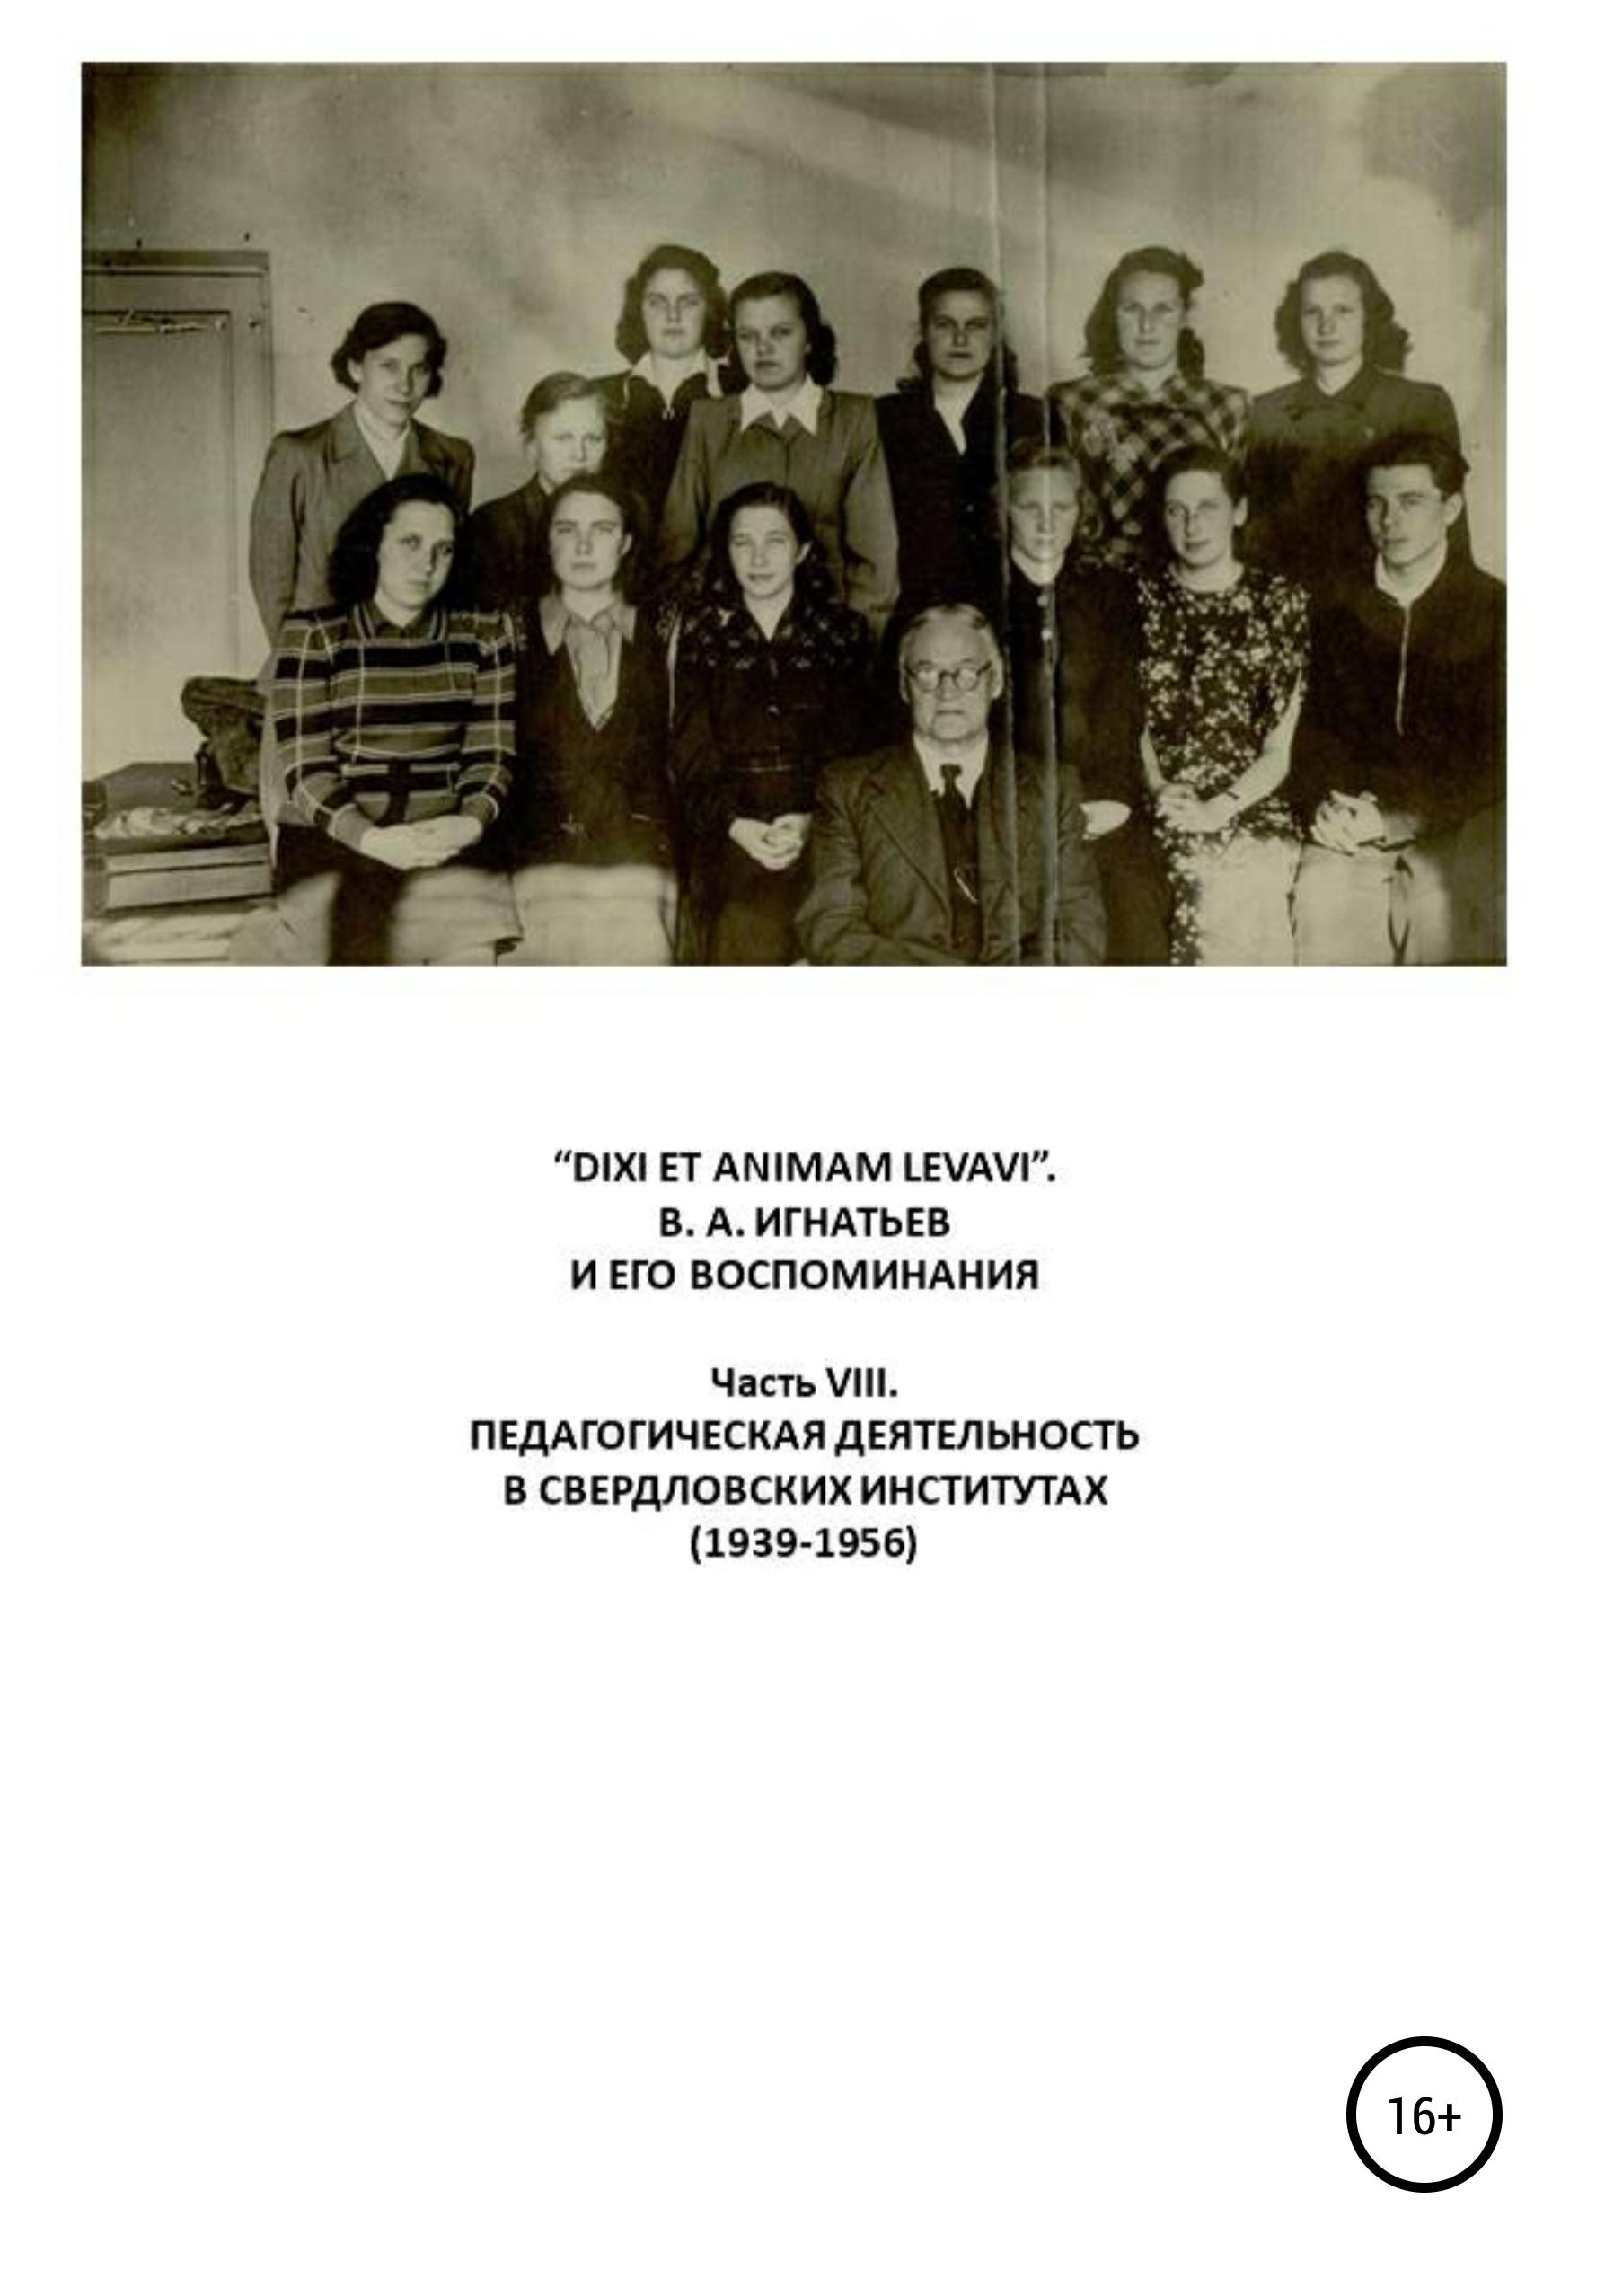 Василий Алексеевич Игнатьев «DIXI ET ANIMAM LEVAVI». В. А. Игнатьев и его воспоминания. Часть VIII. Педагогическая деятельность в свердловских институтах (1939-1956) плащ dixi coat dixi coat mp002xw01qck